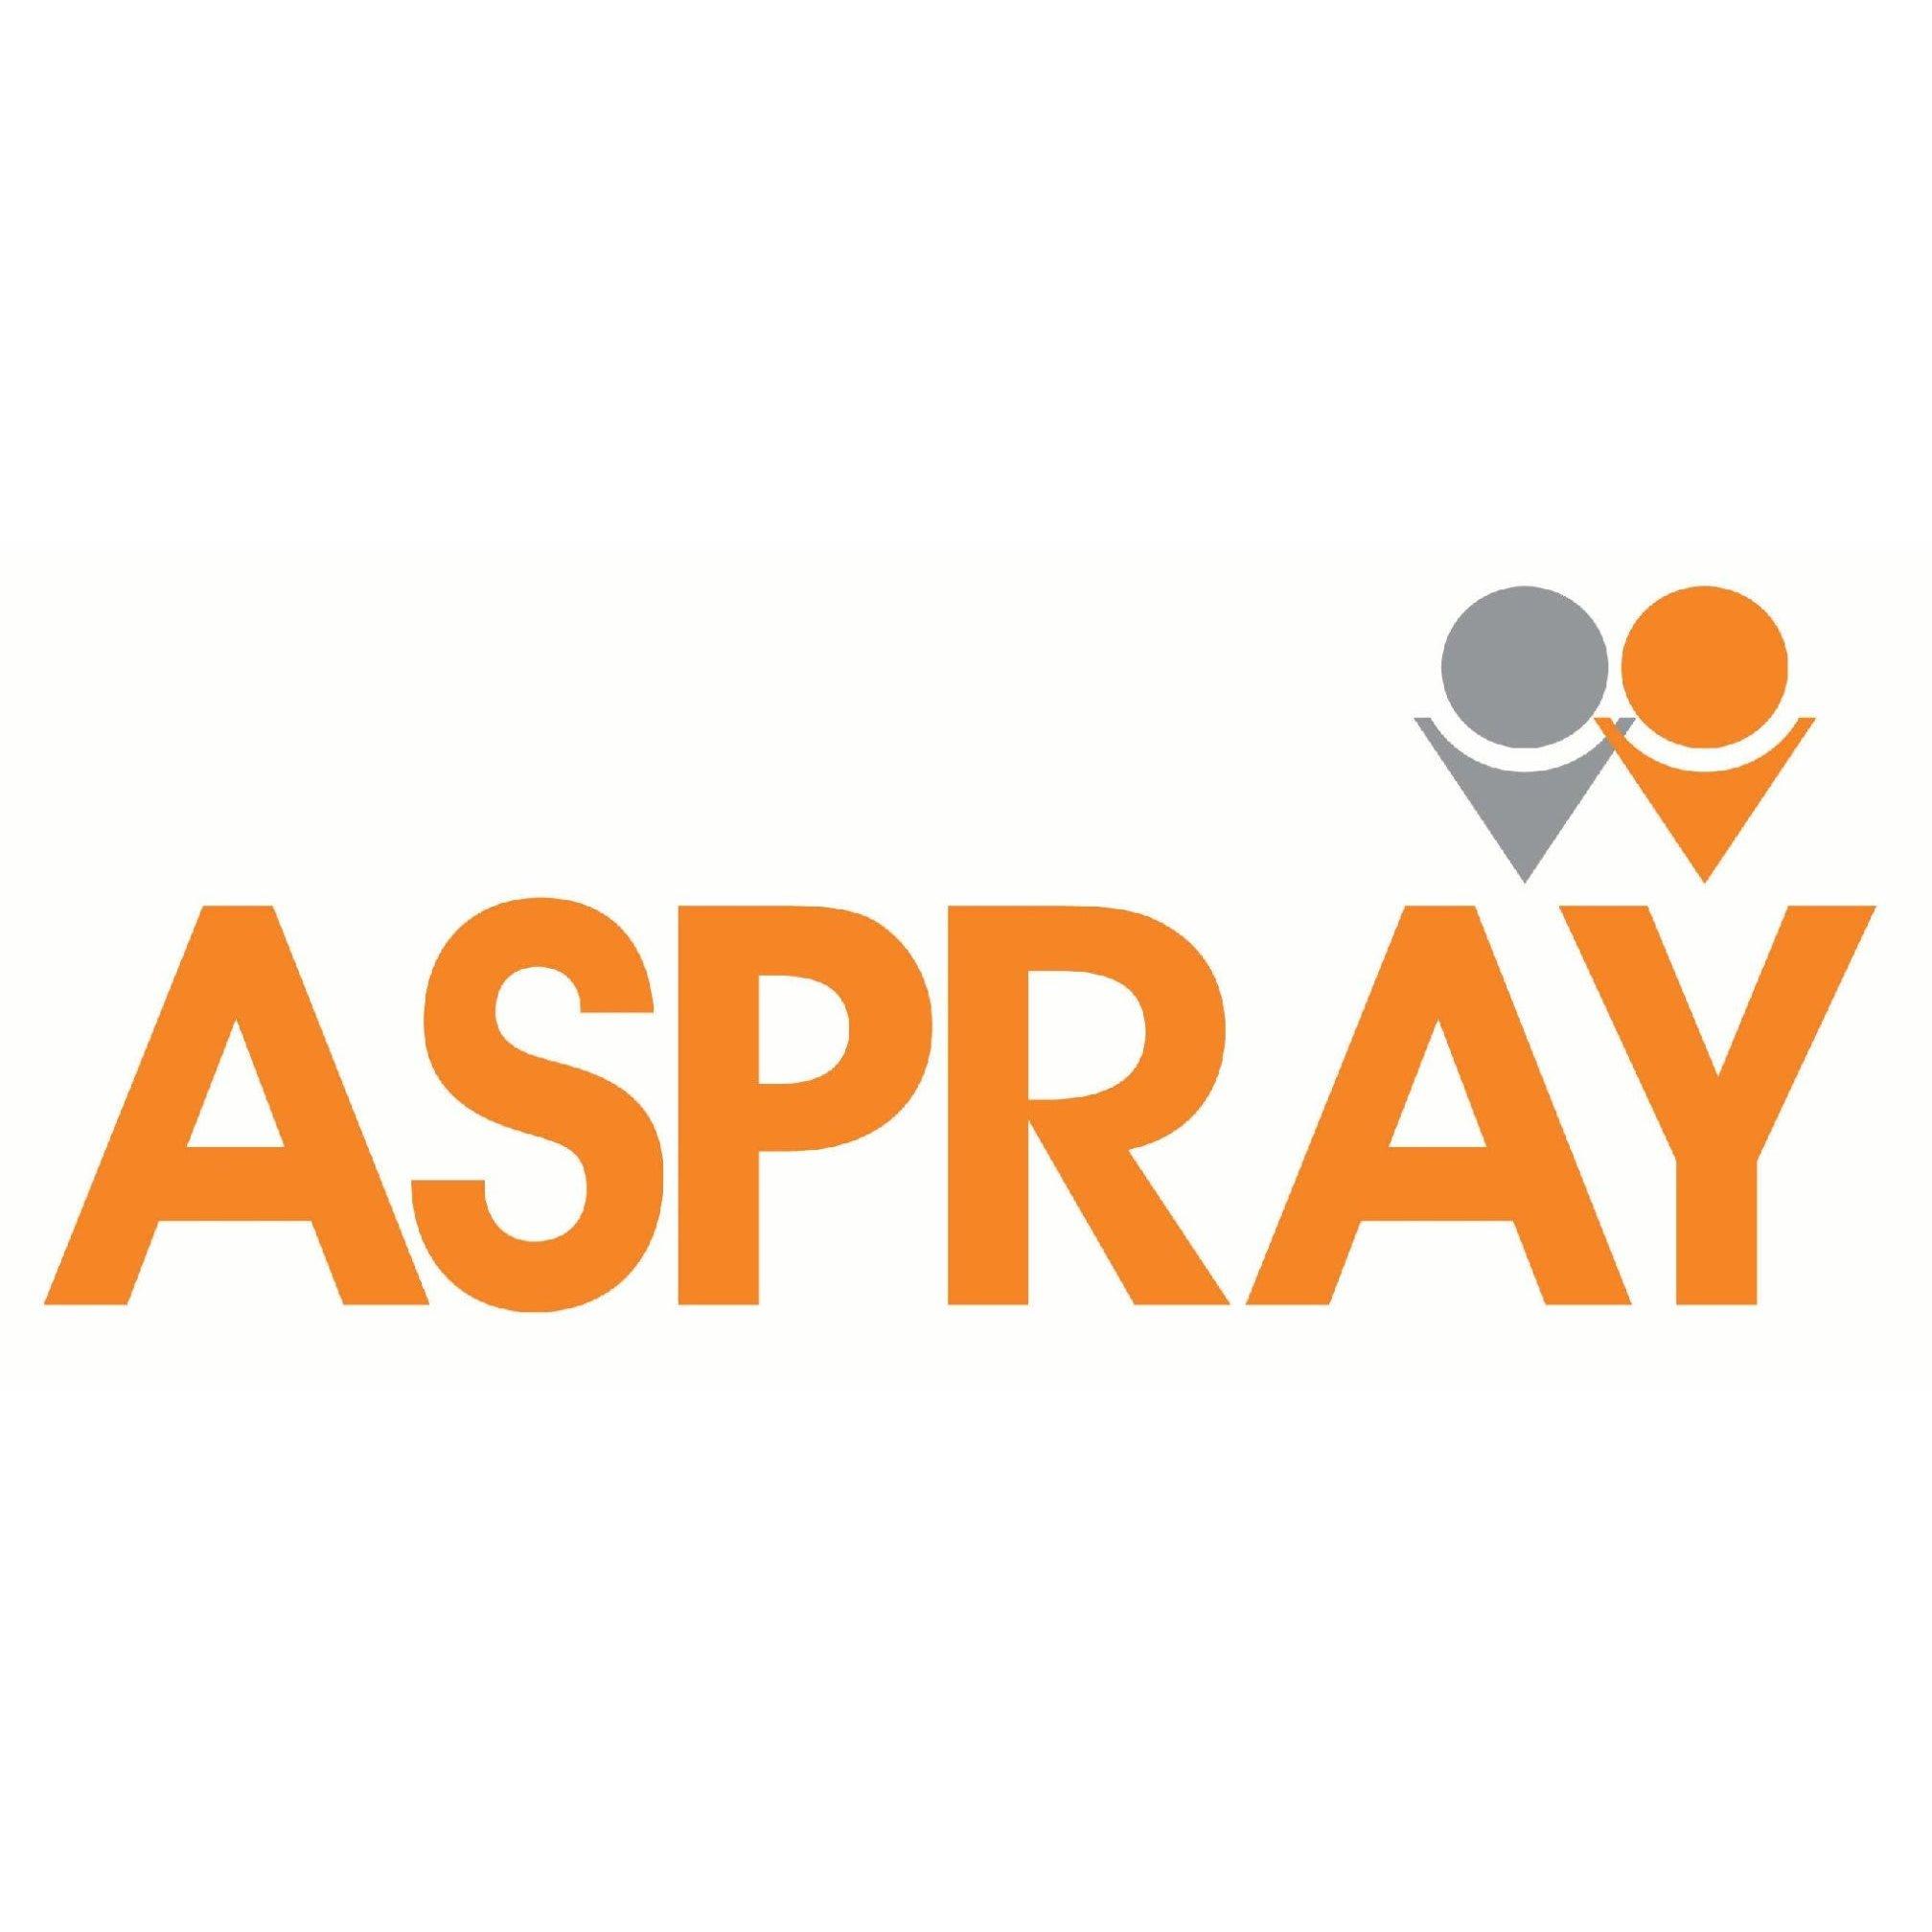 Aspray-Harlow - Harlow, Essex  - 01279 271105 | ShowMeLocal.com